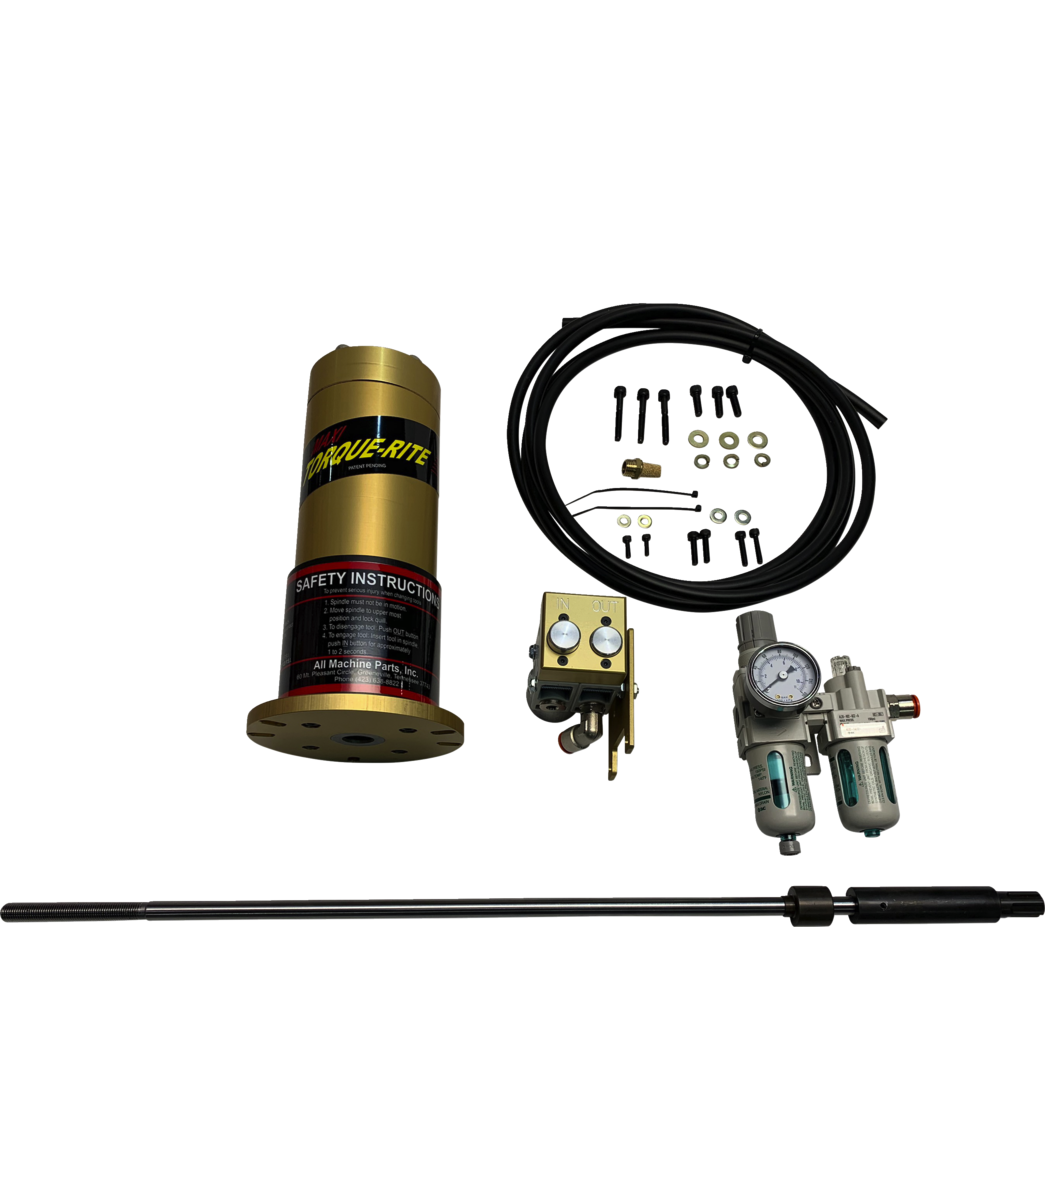 Air Power Drawbar Kit for JTM1050EVS CNC